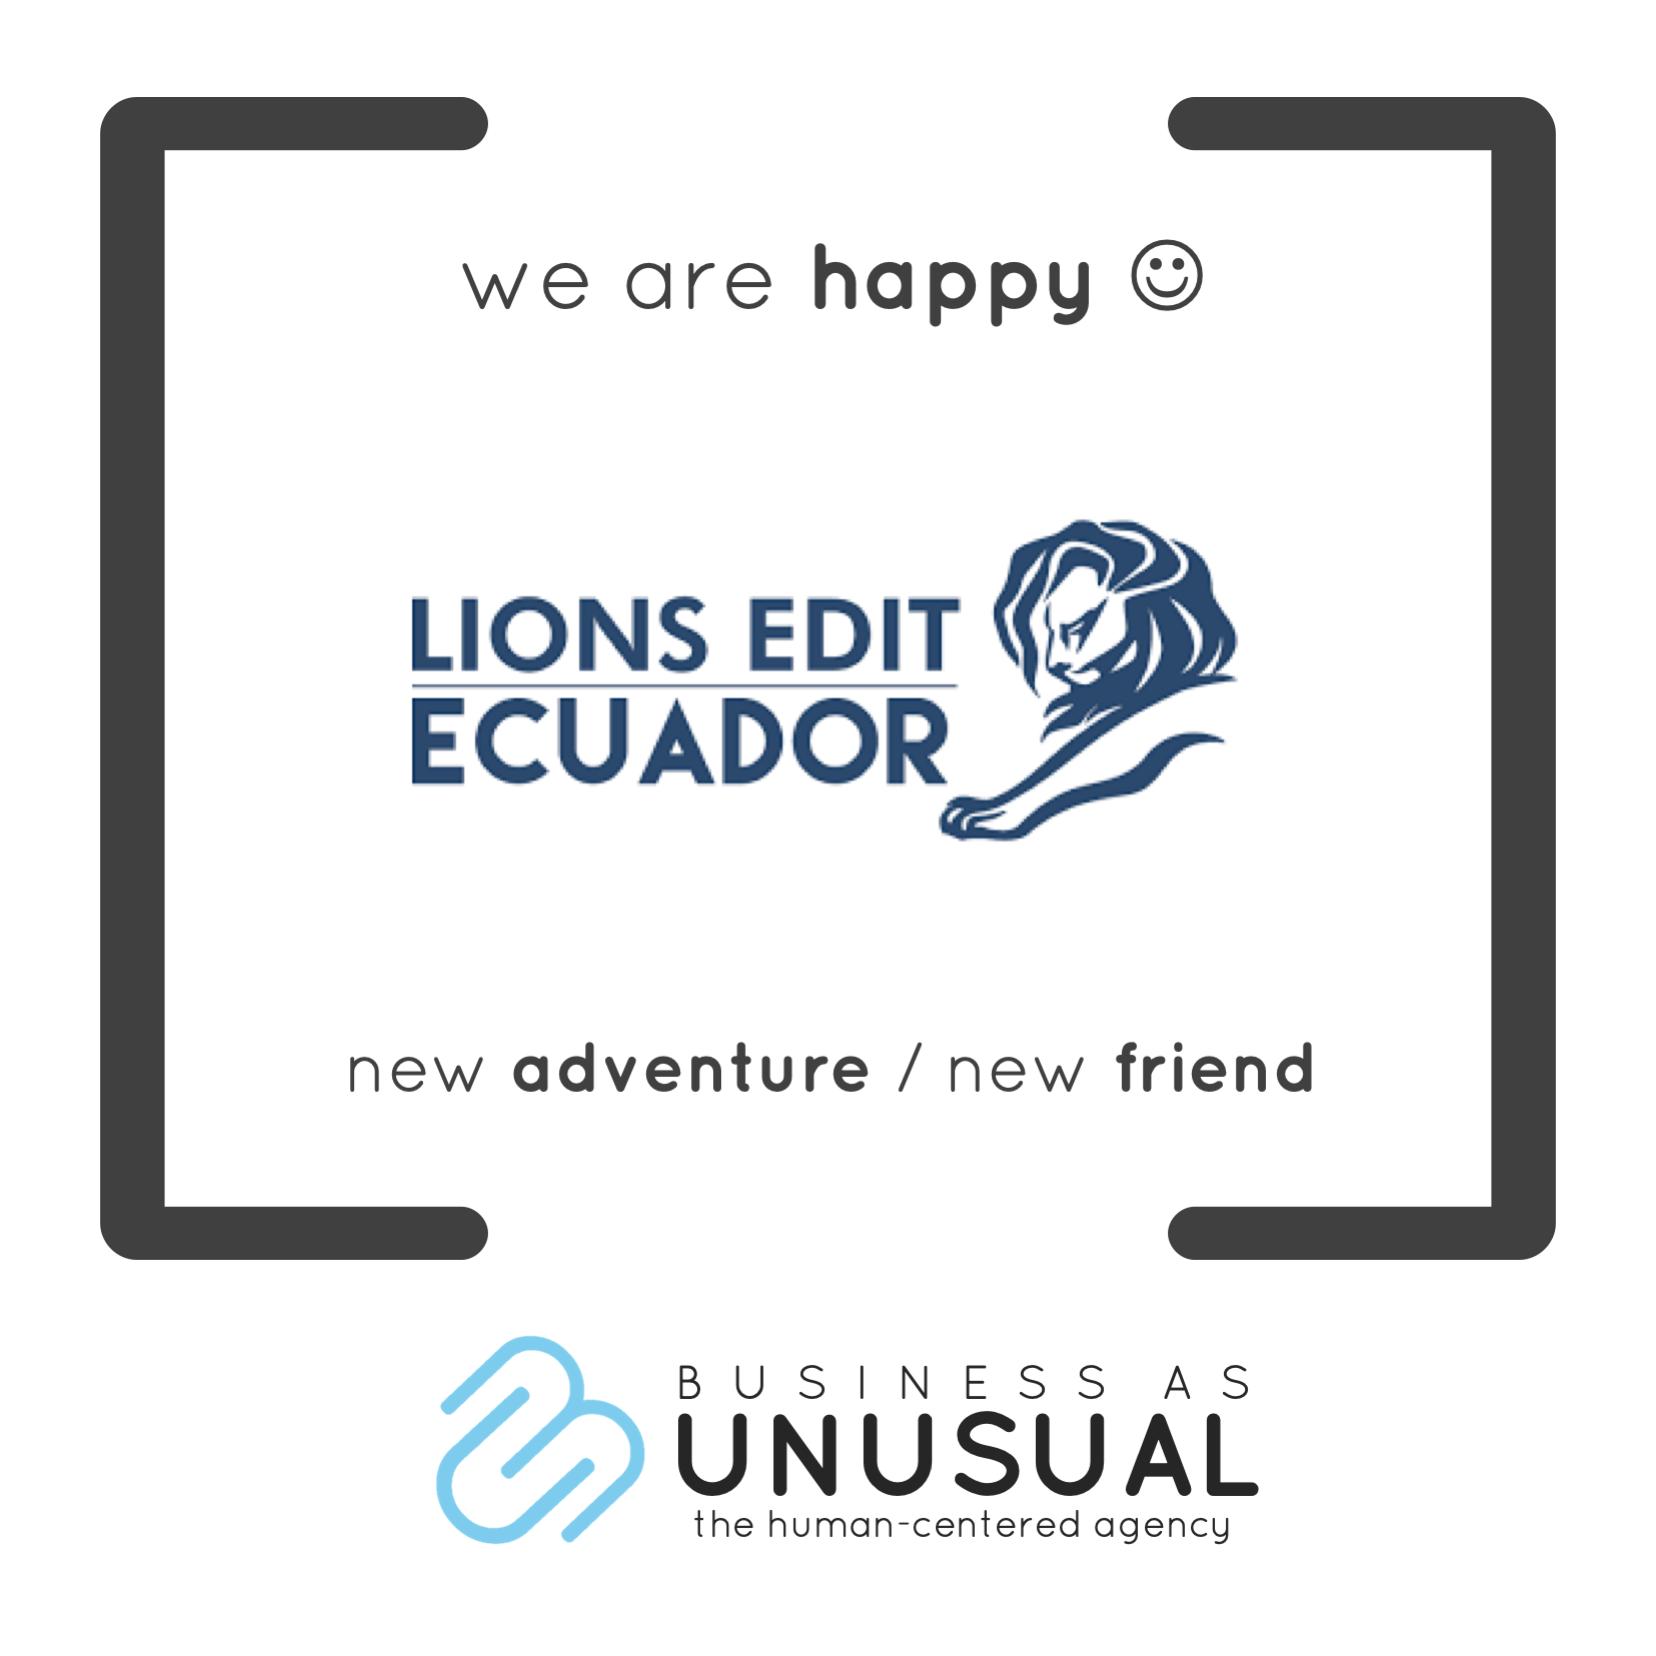 Cannes Lions Edit Ecuador